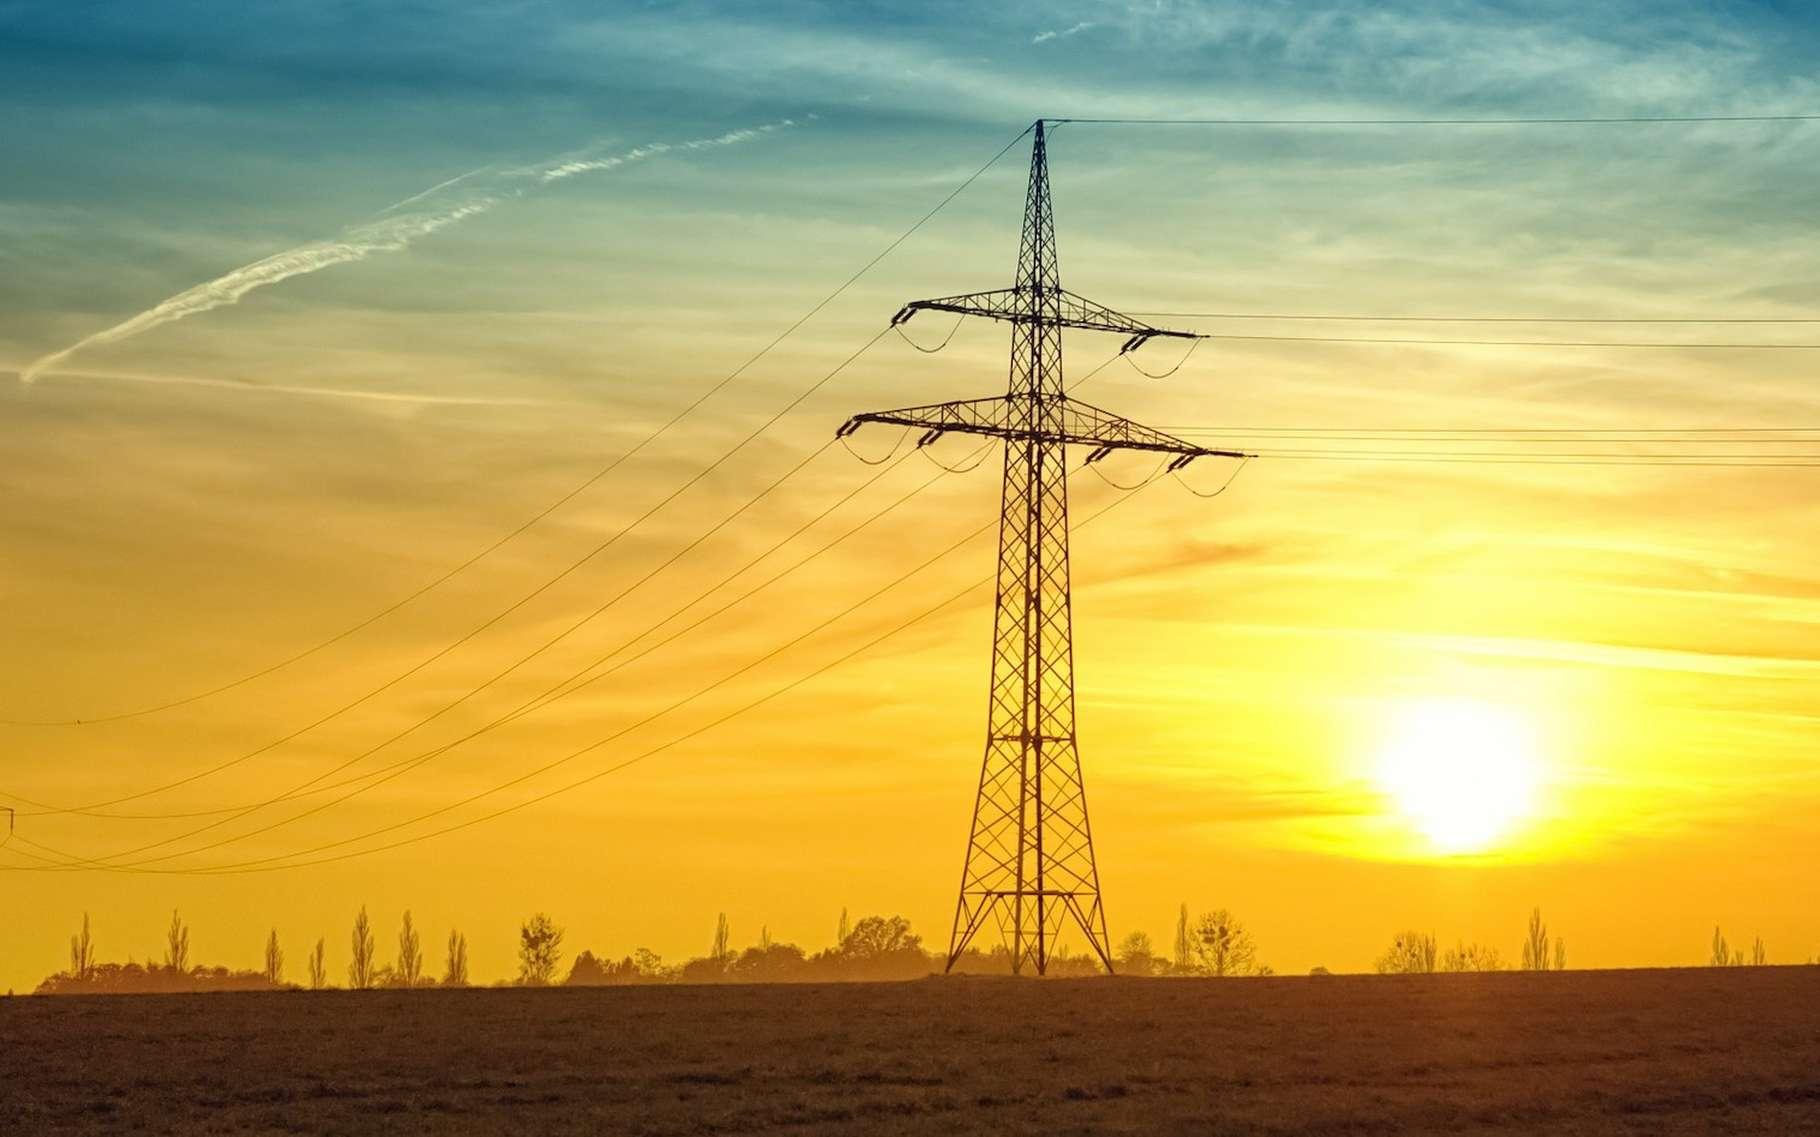 On parle d'électrisation lorsqu'un courant électrique travers un corps humain sans pour autant entraîner la mort. © Nikio, Pixabay, CC0 Creative Commons